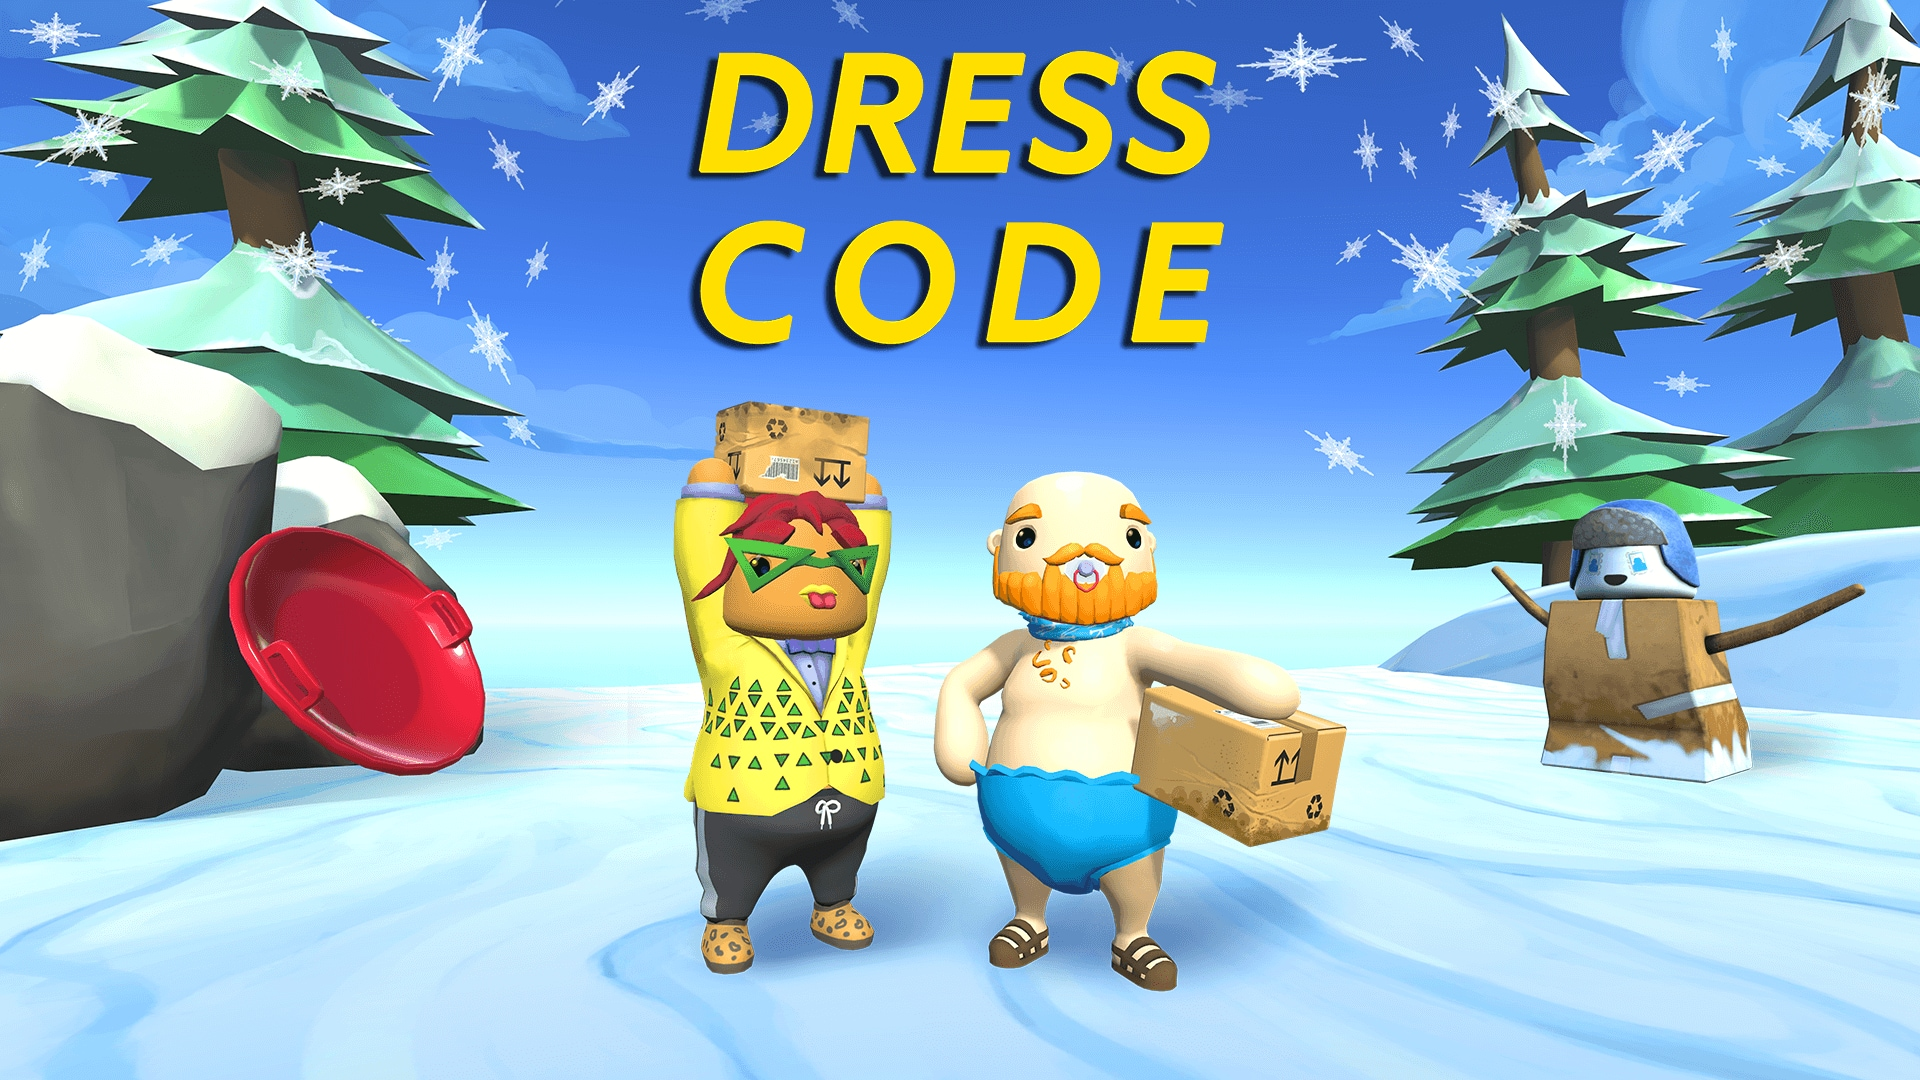 Totally Reliable Delivery Service - Dress Code | WW (e60c7349-f468-40cf-8526-f1e93de90a36)